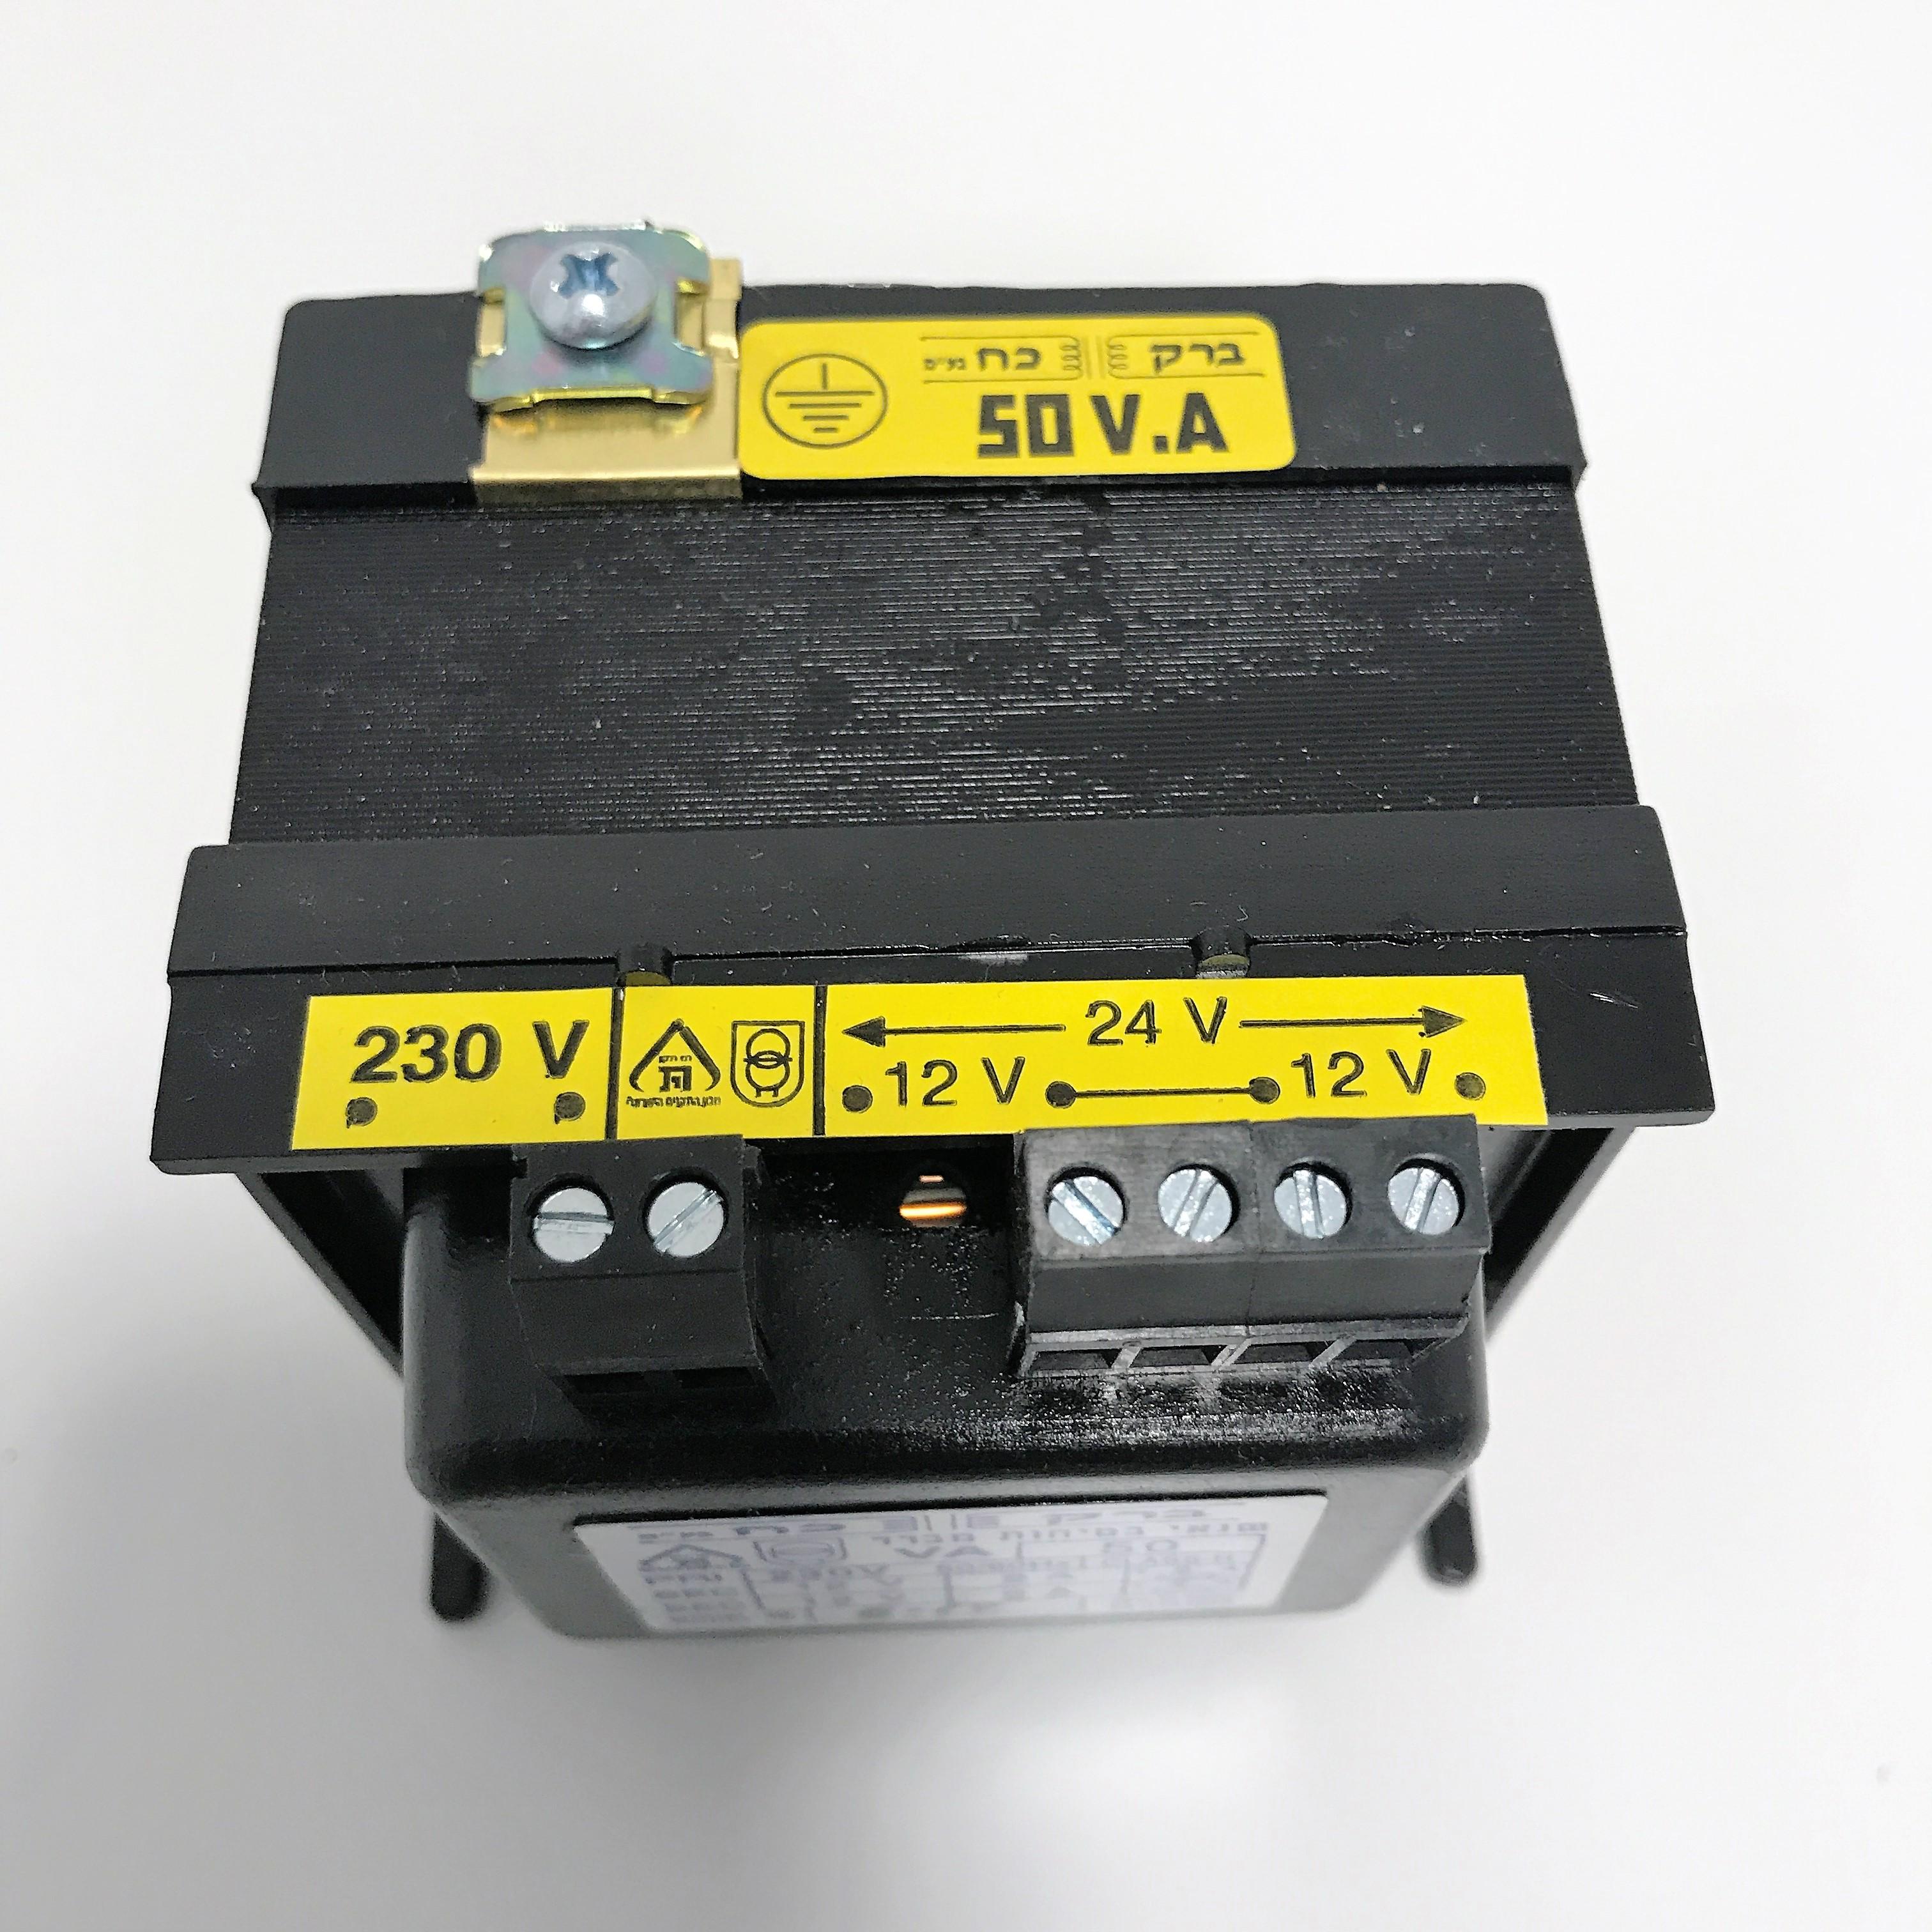 שנאי מבדל בהספק 50VA במתחים 230V-24V